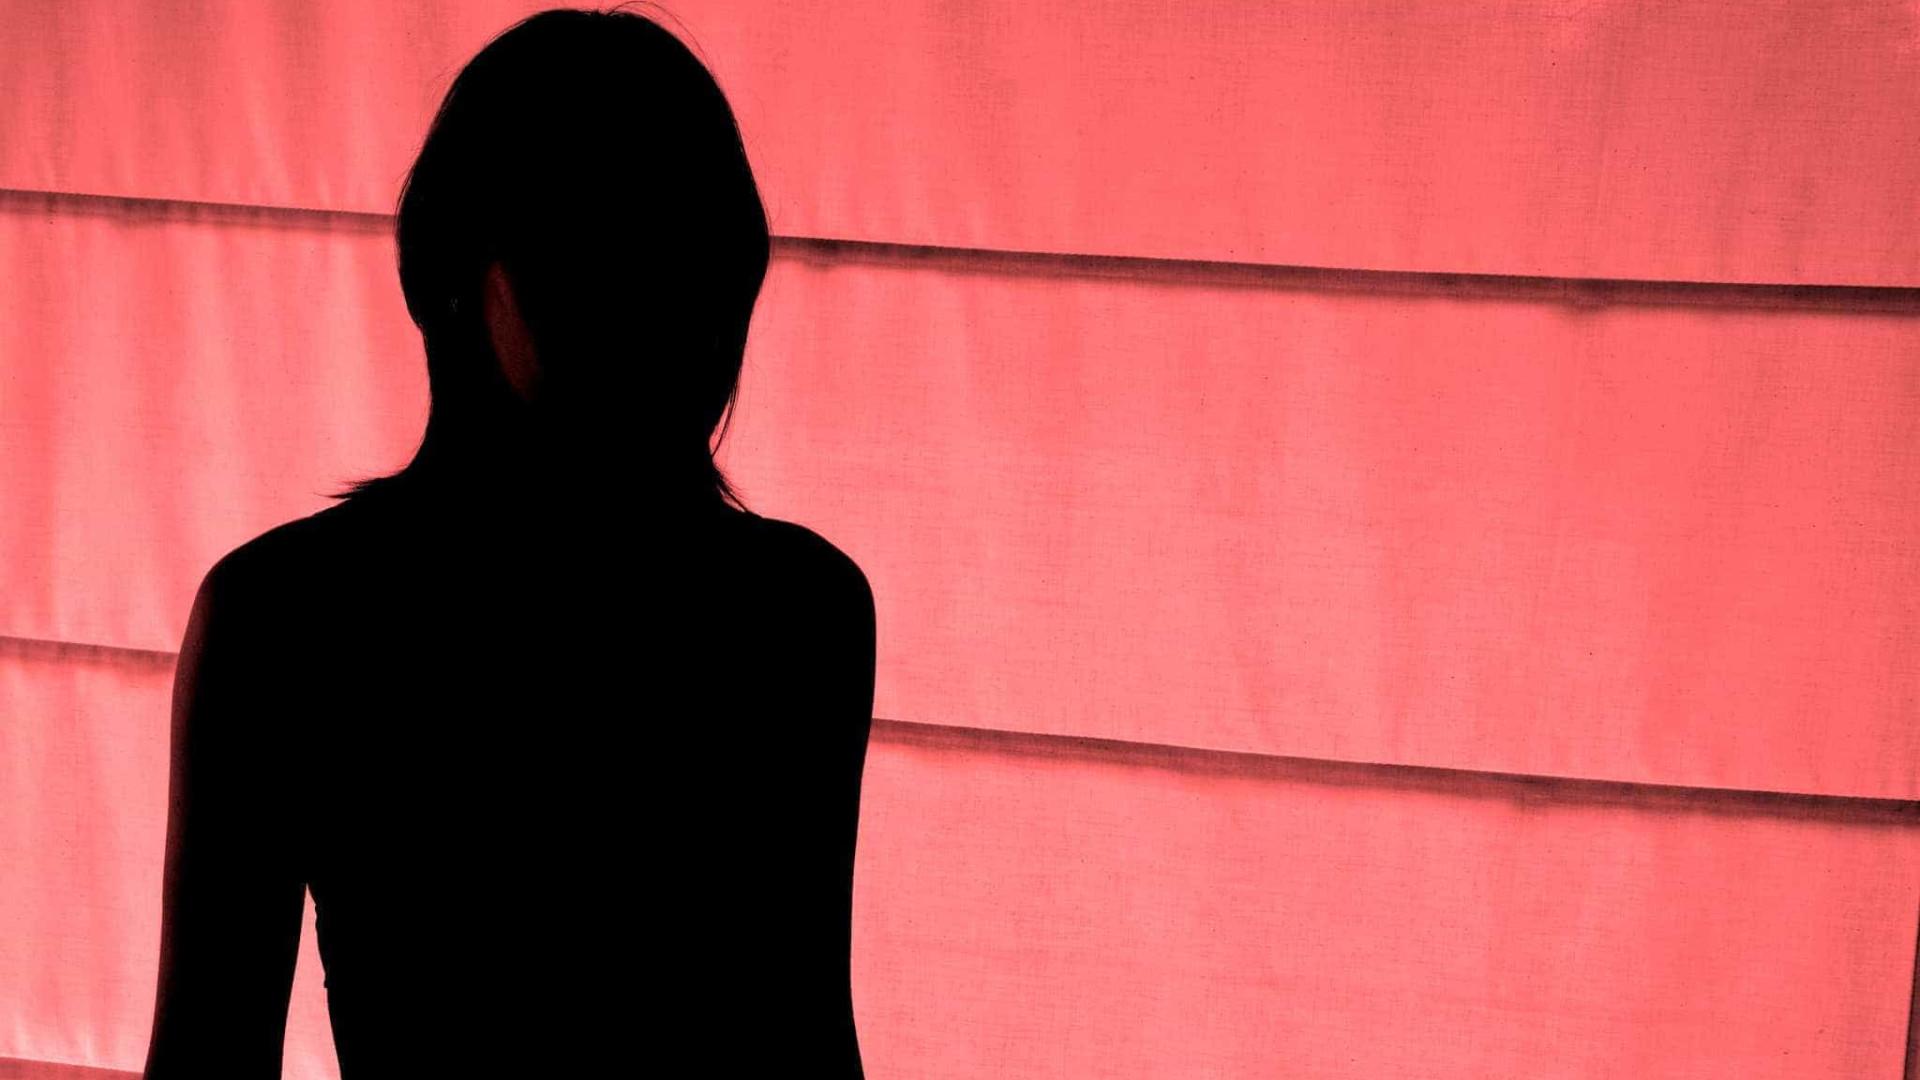 Mulher vestiu filha de coelhinha da Playboy e ajudou homem a violá-la